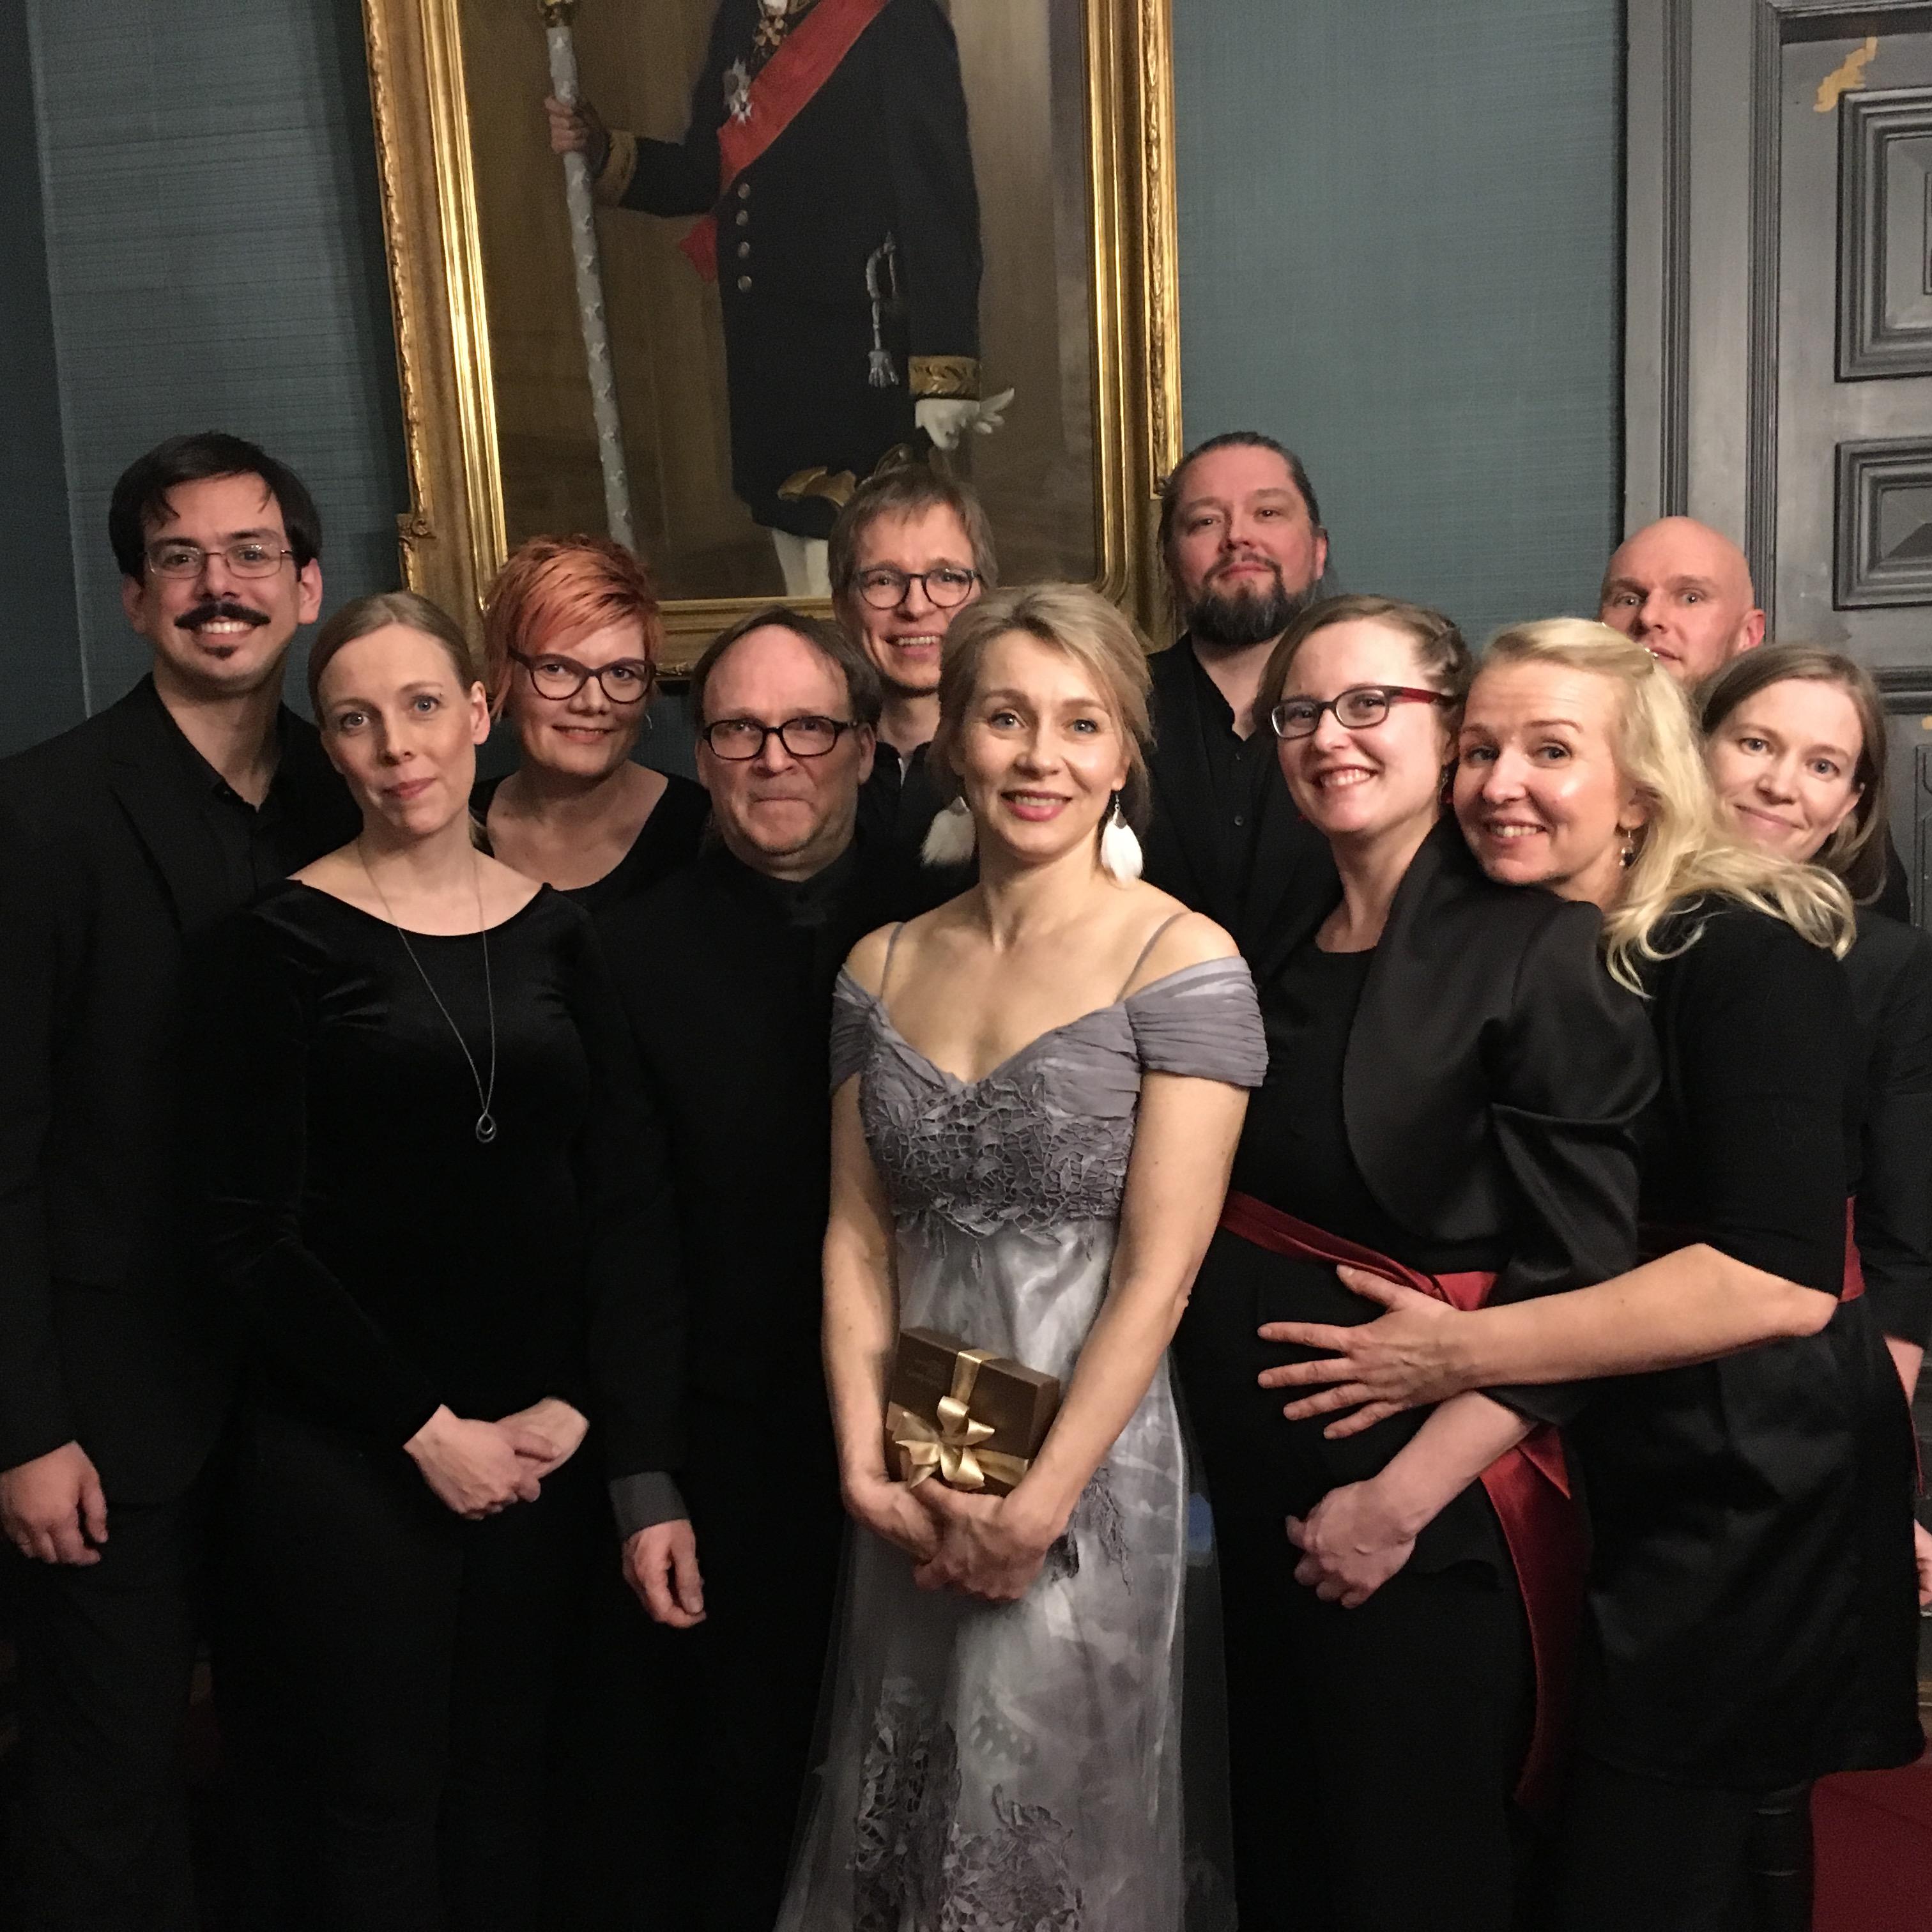 Suomalainen barokkiorkesteri matkaa Maailman synty -ohjelmallaan barokin juurille Kangasala-talossa 23.3.2021.